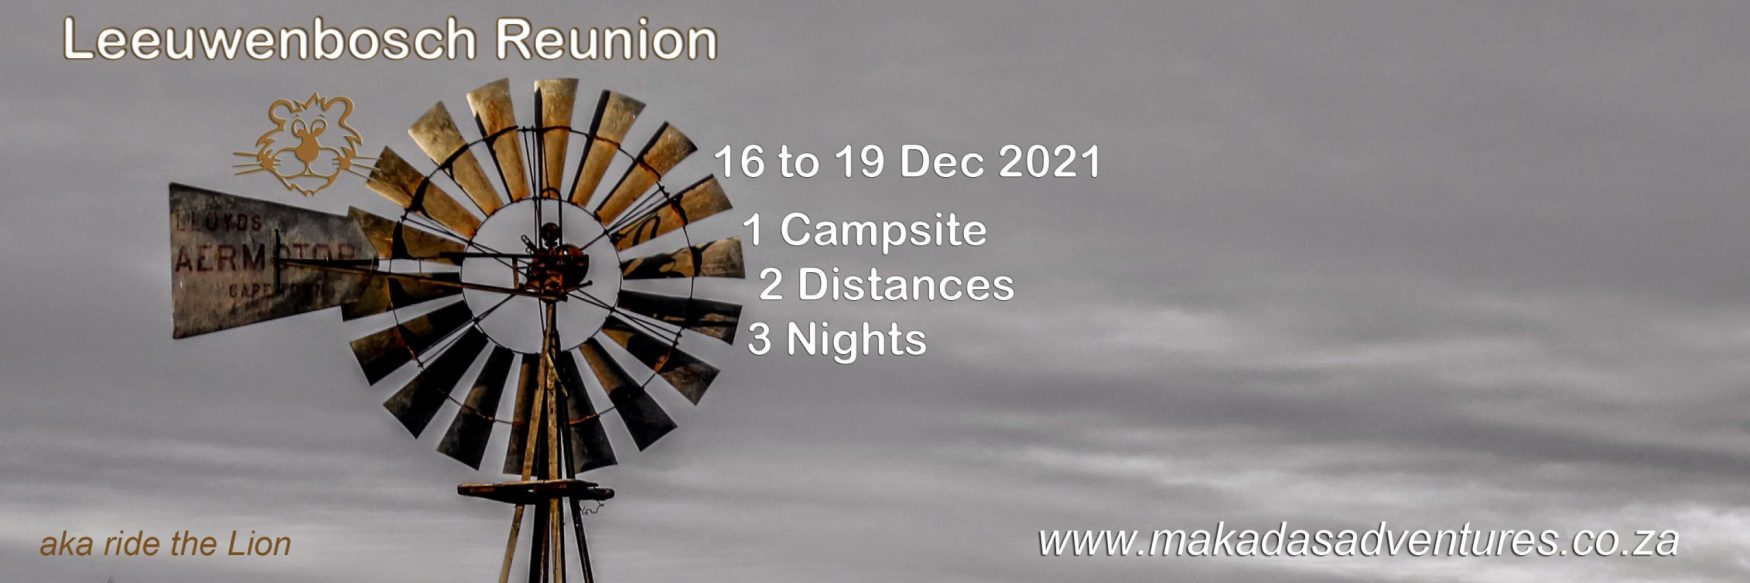 Leeuwenboschfontein Reunion Ride